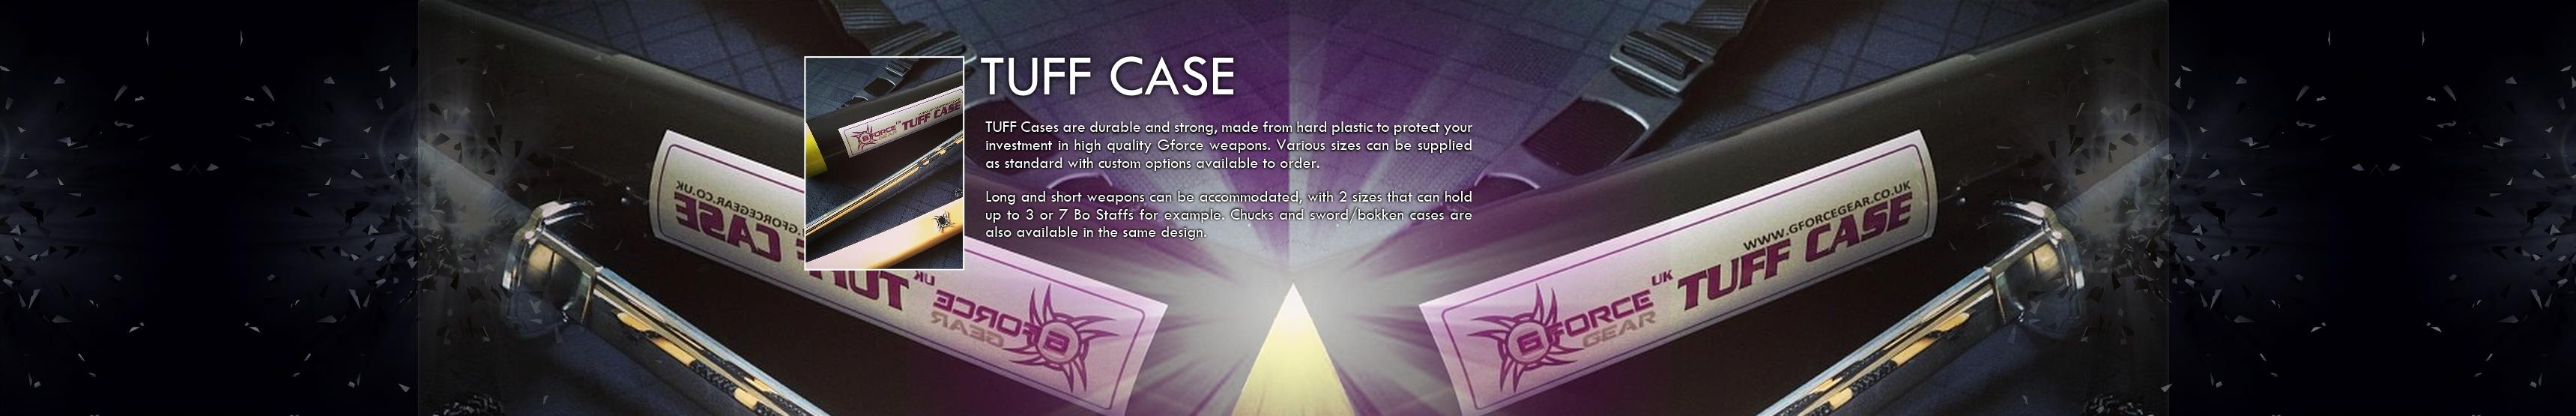 TUFF CASES